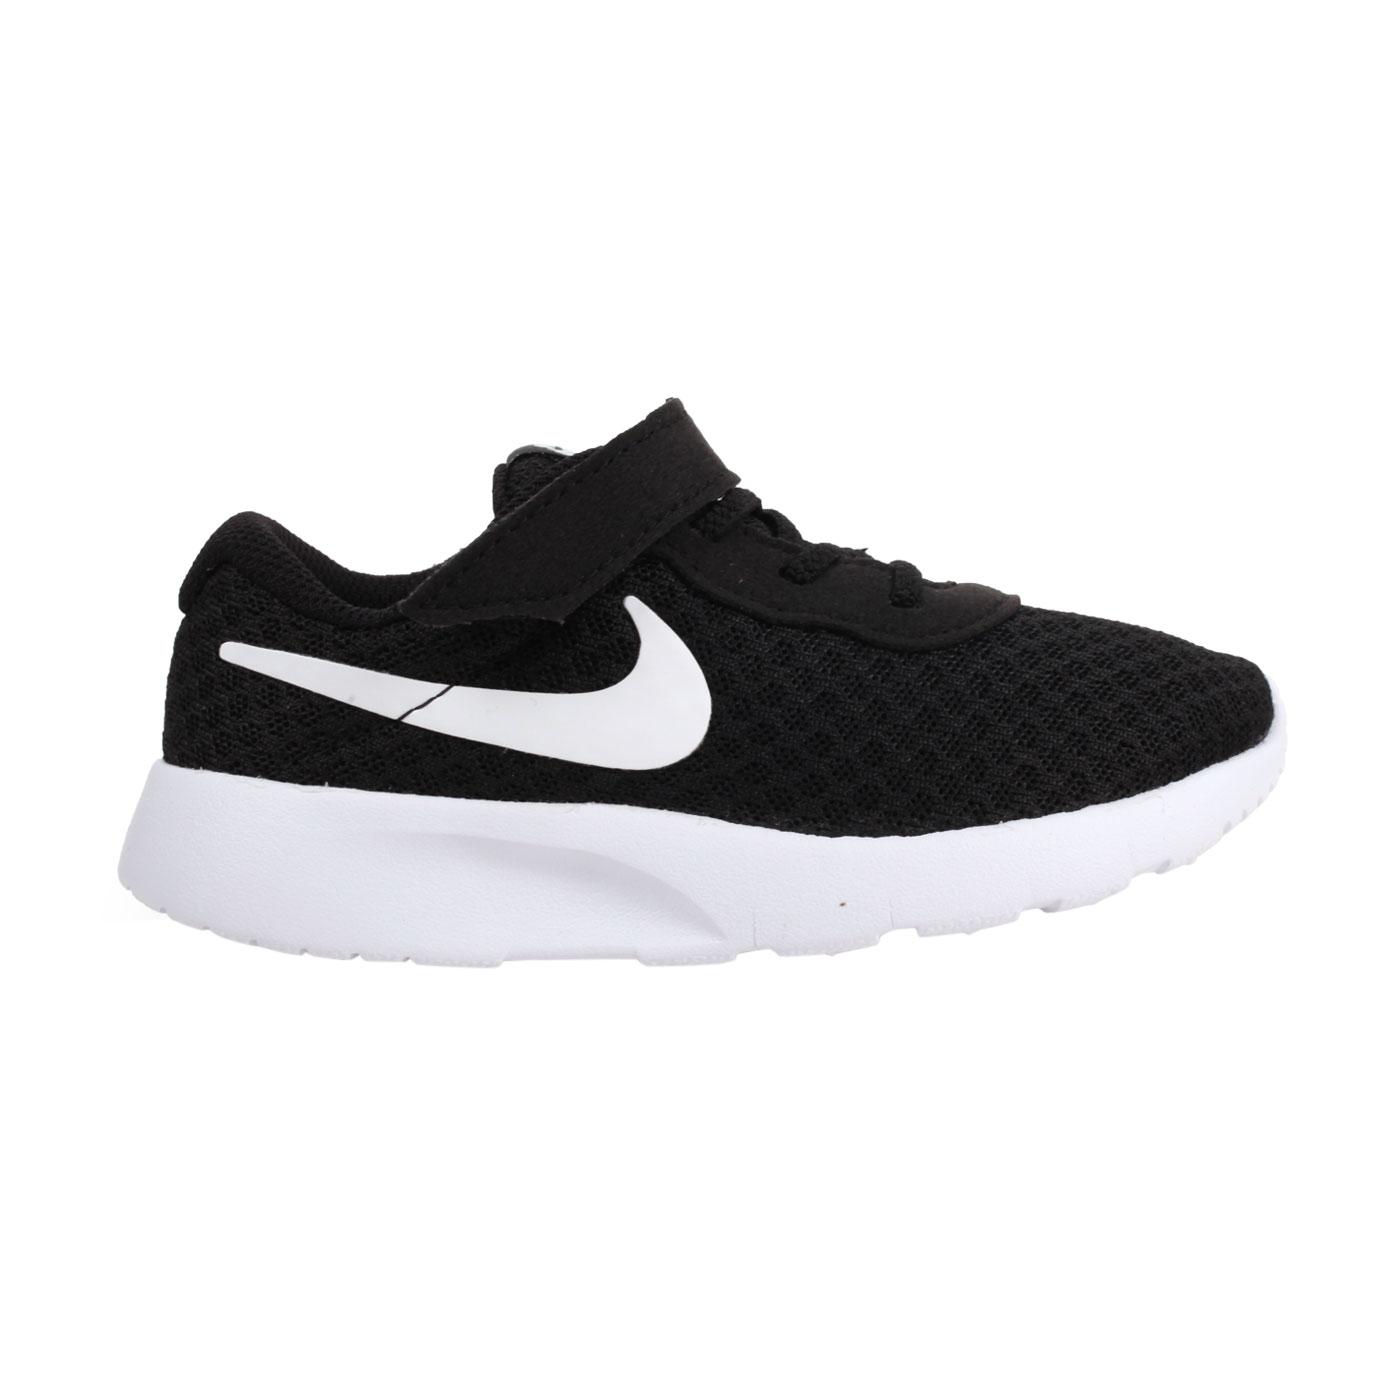 NIKE 兒童運動鞋  @TANJUN(TDV)@818383011 - 黑白